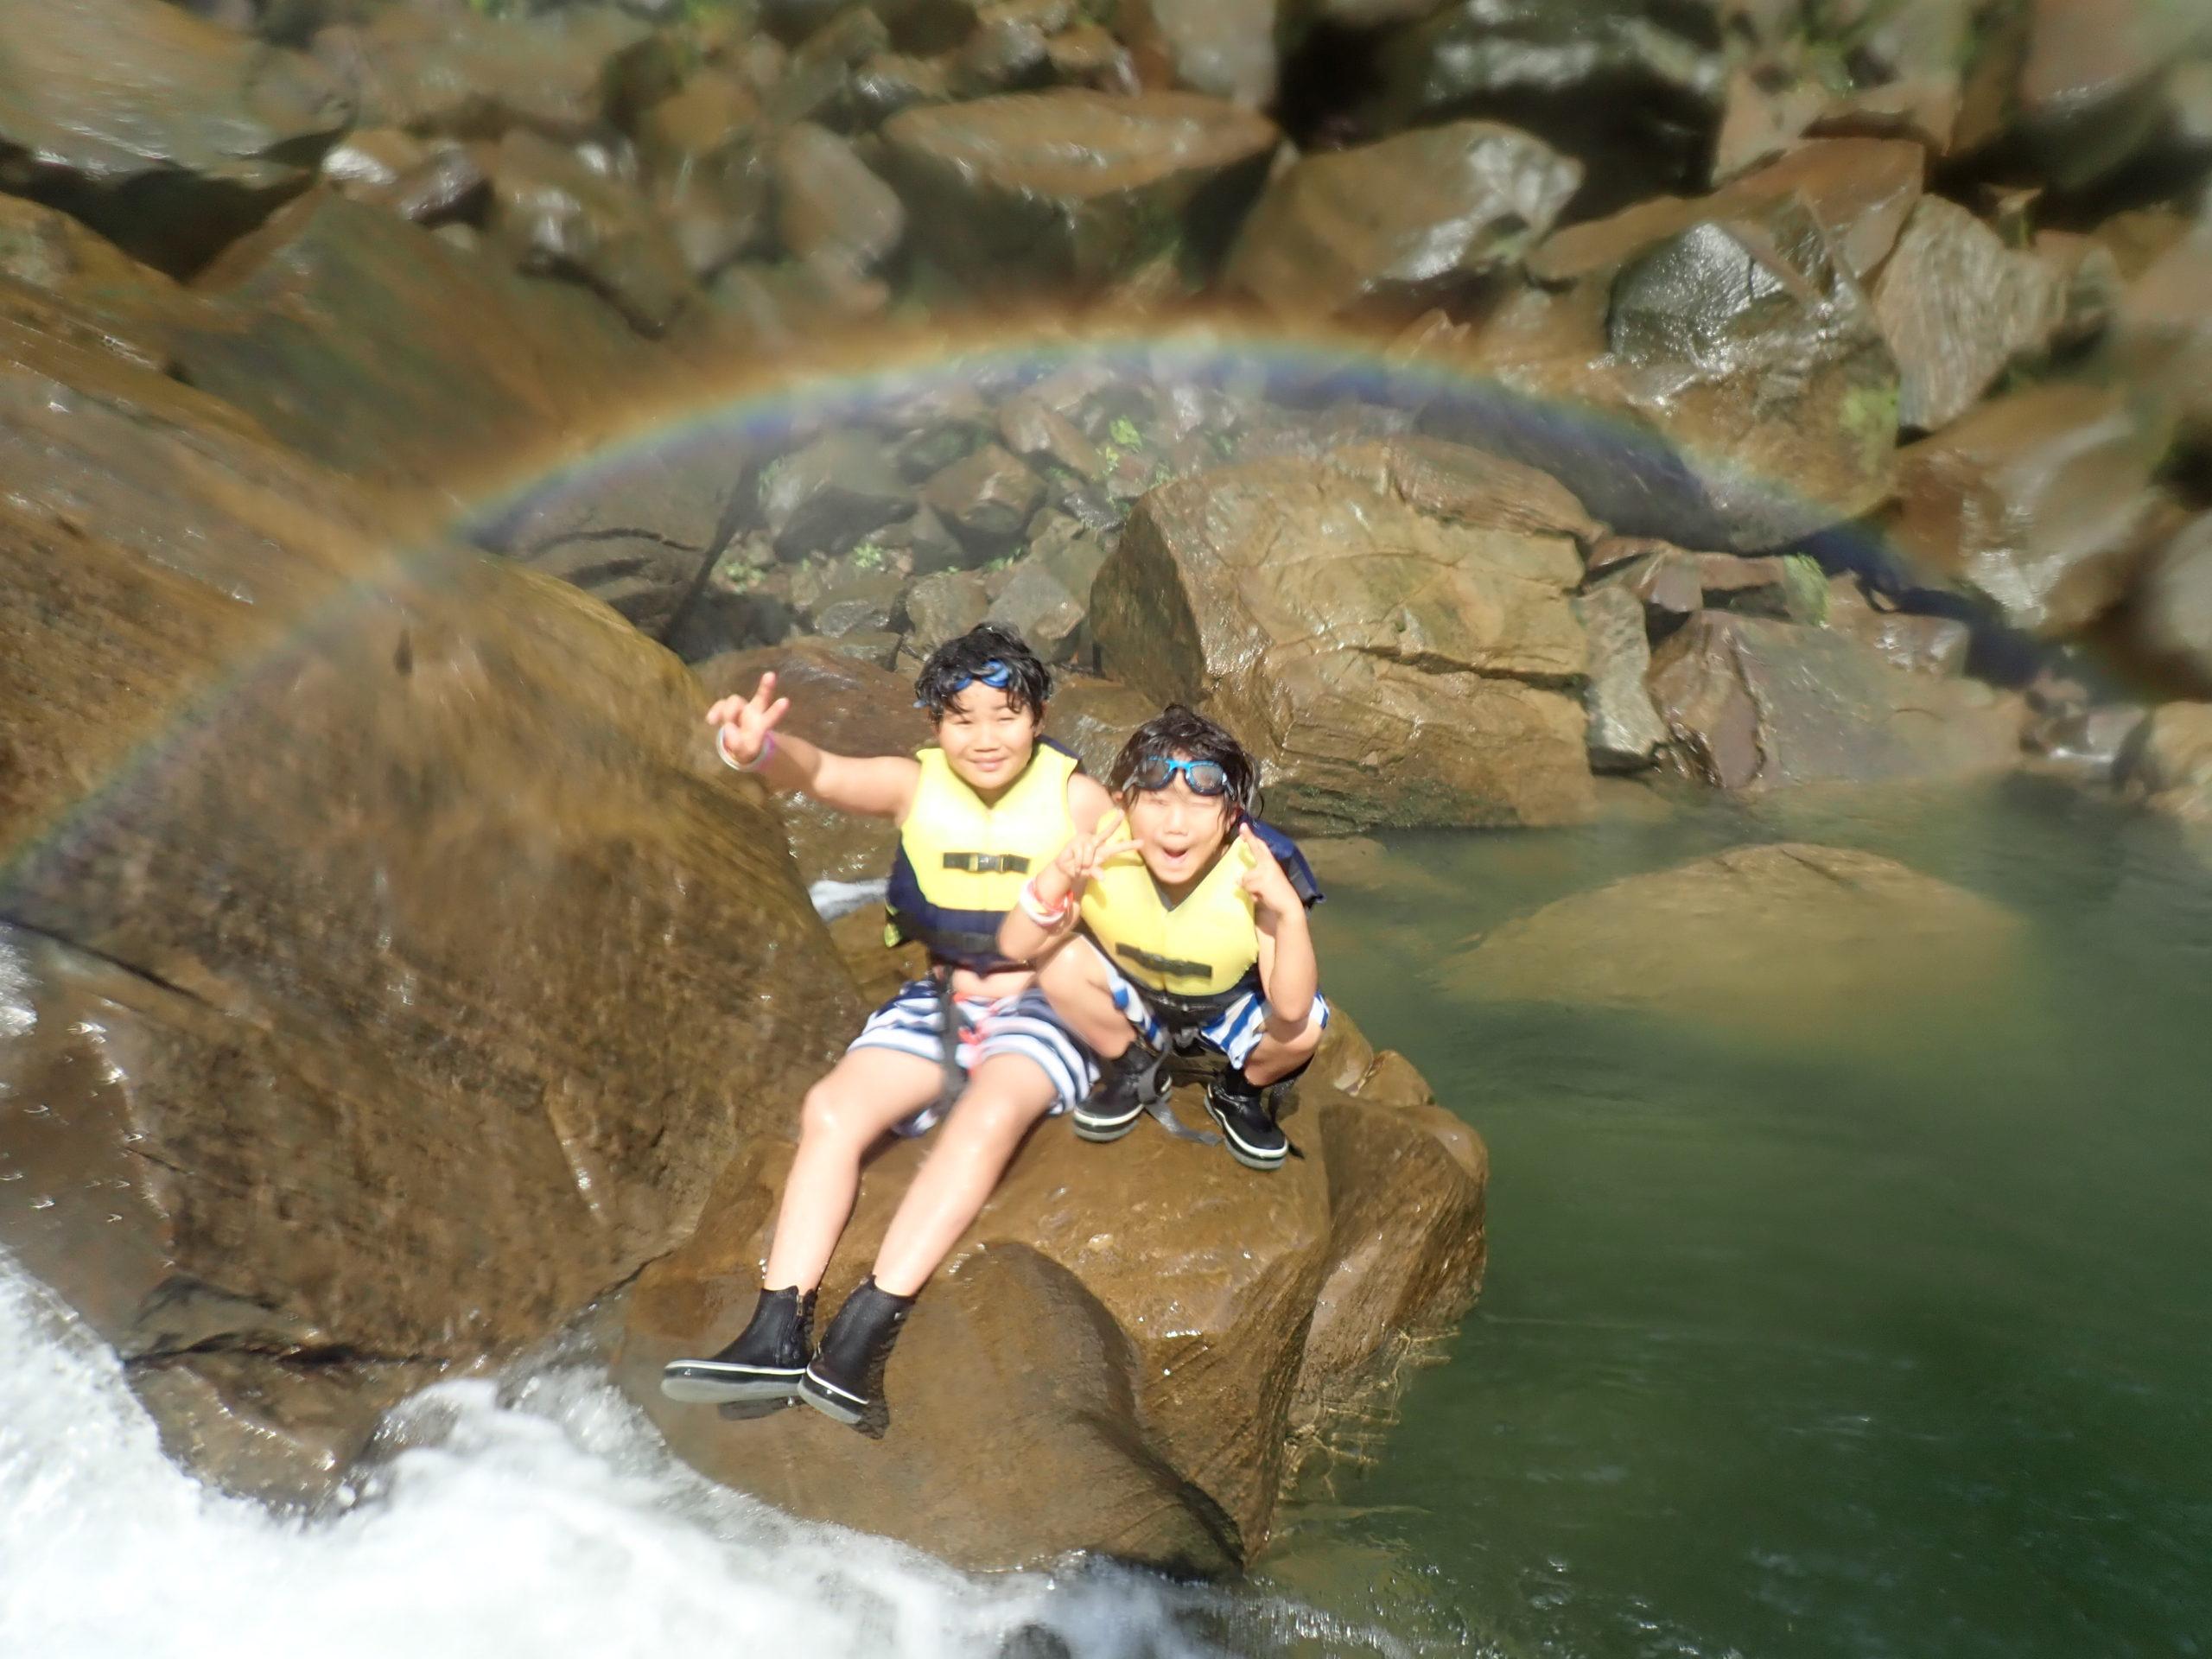 小さな体で大冒険!親子さんとのピナイサーラの滝ツアー!